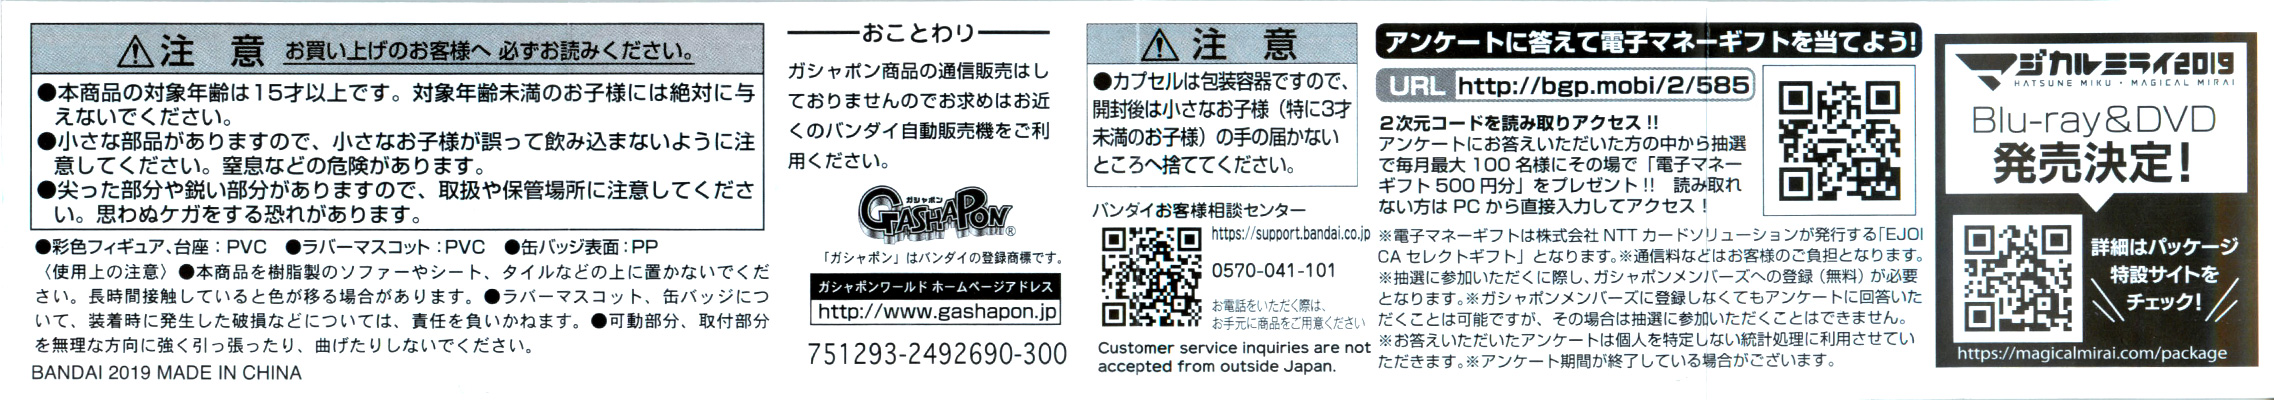 初音ミクあそーと 〜 マジカルミライ 2019 〜 [バンダイ]